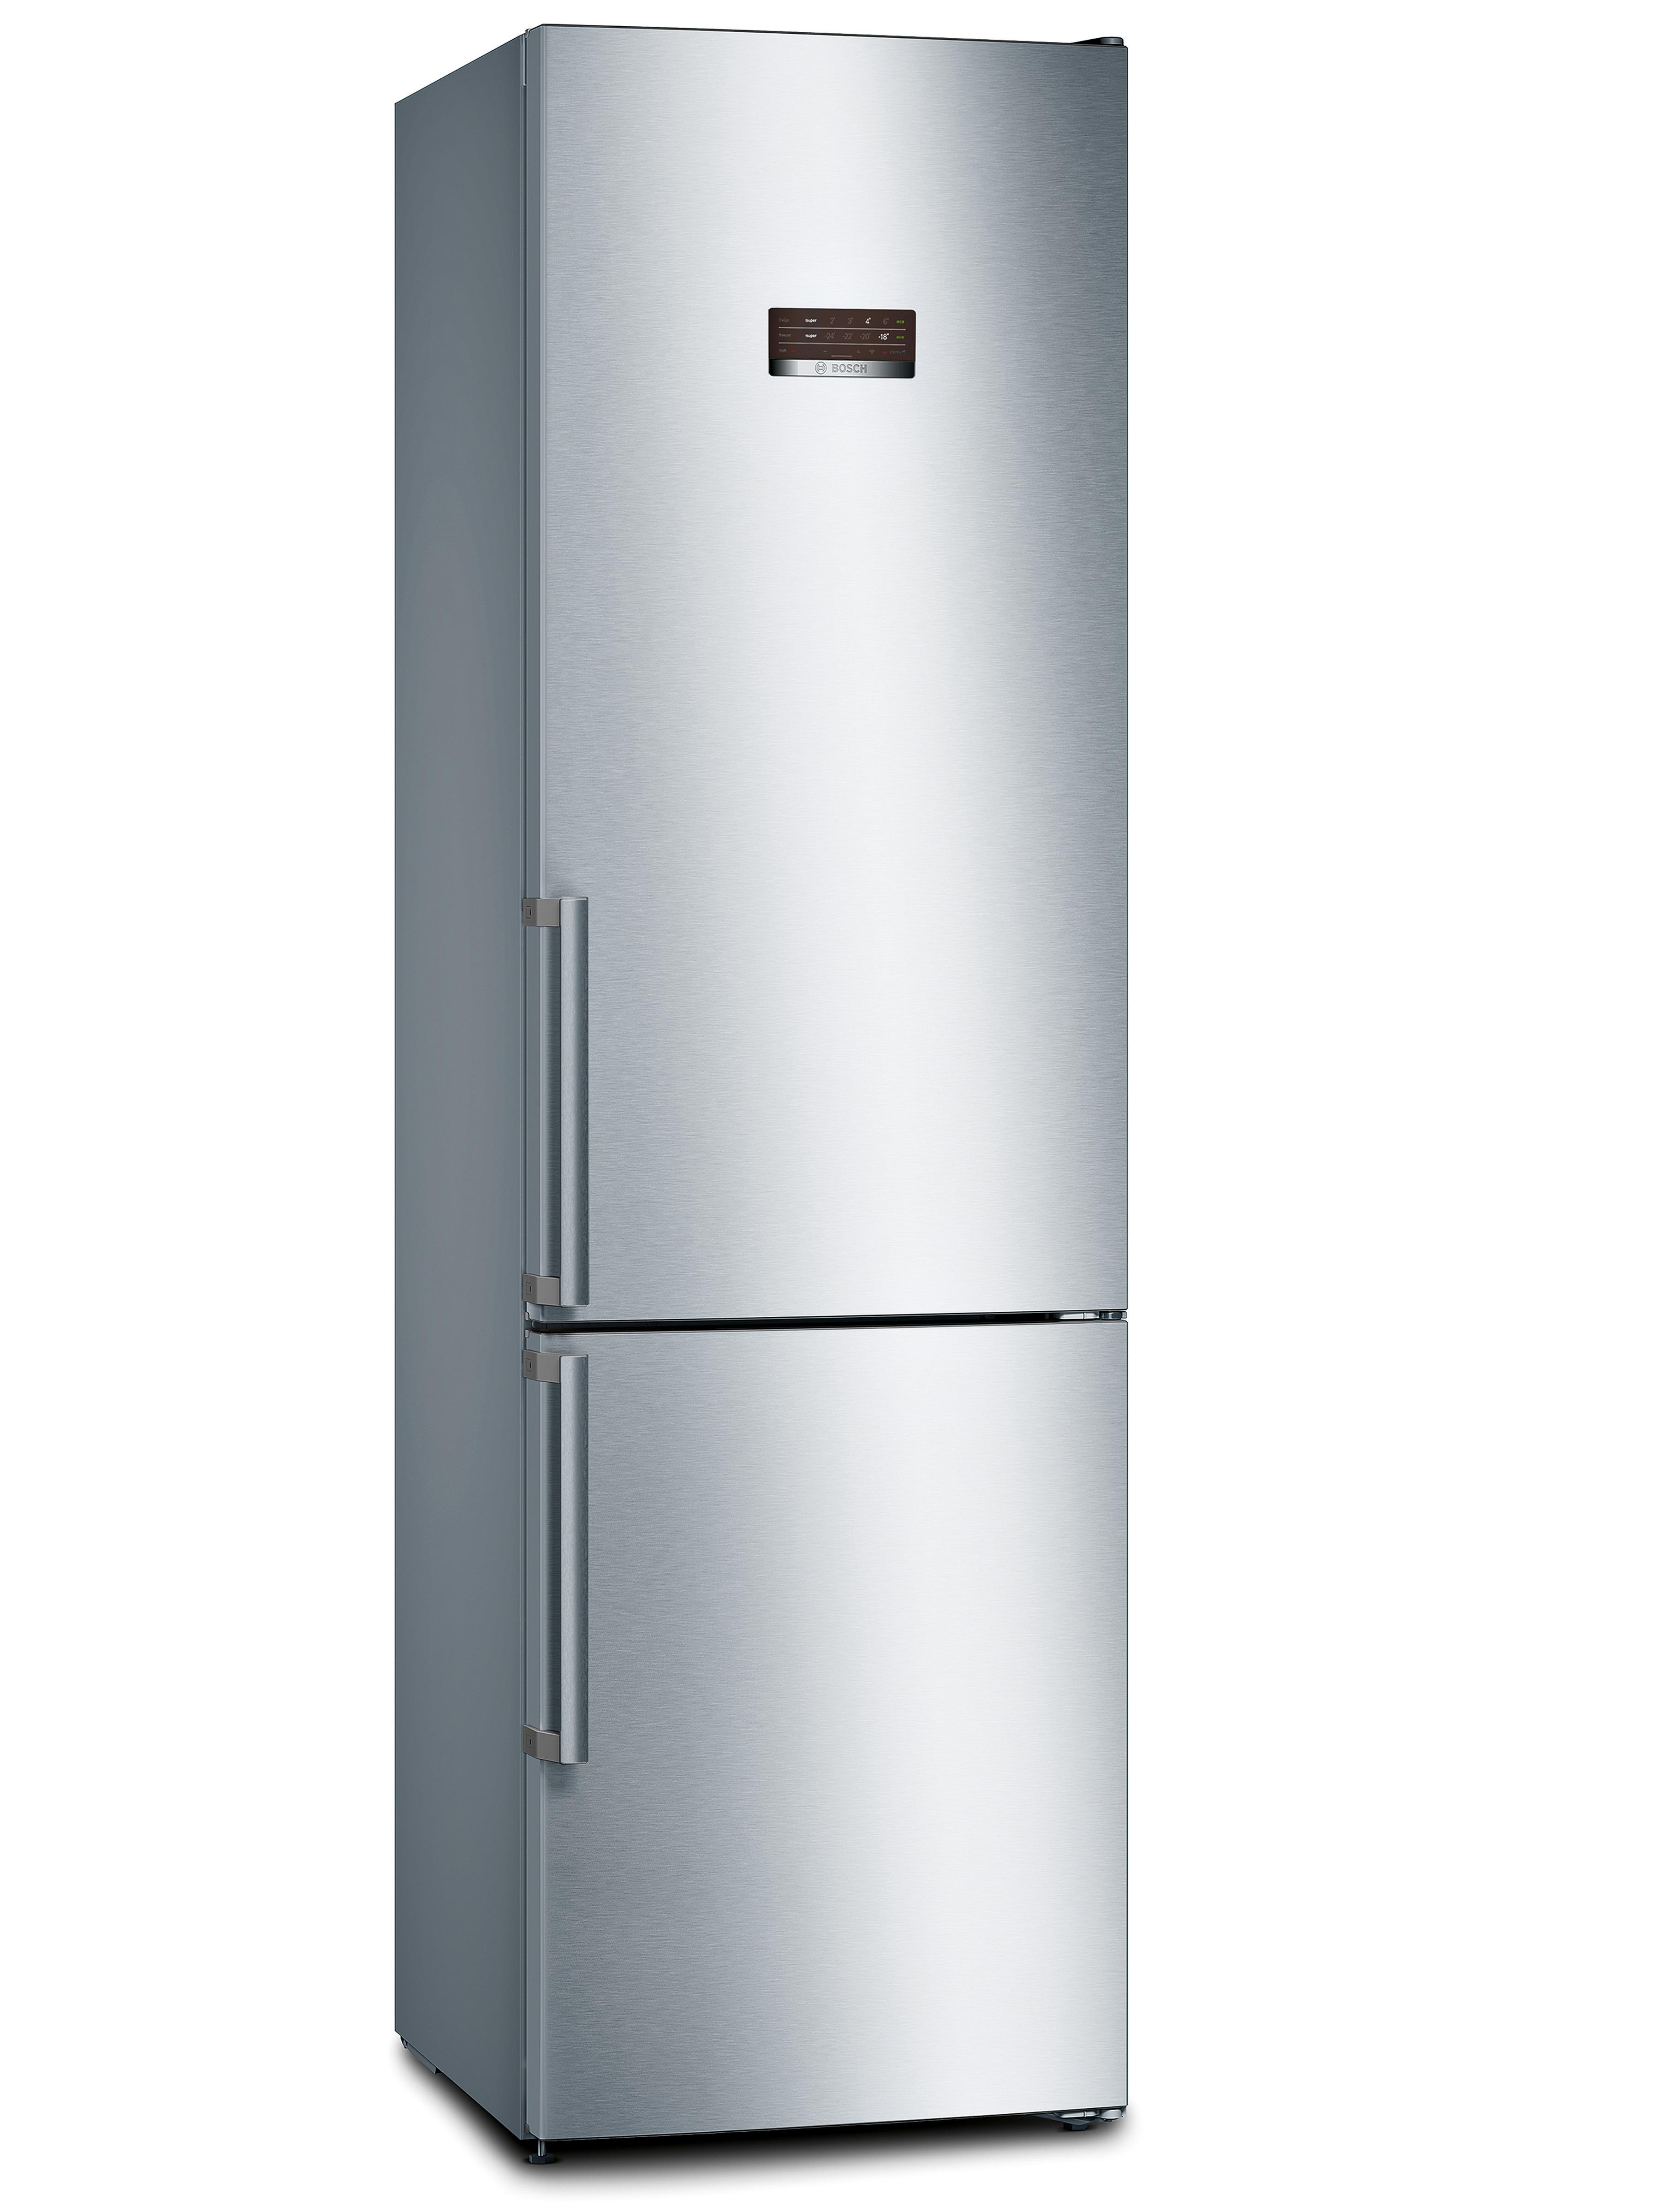 Bosch koelkast met vriesvak KGN39XI38 - Prijsvergelijk